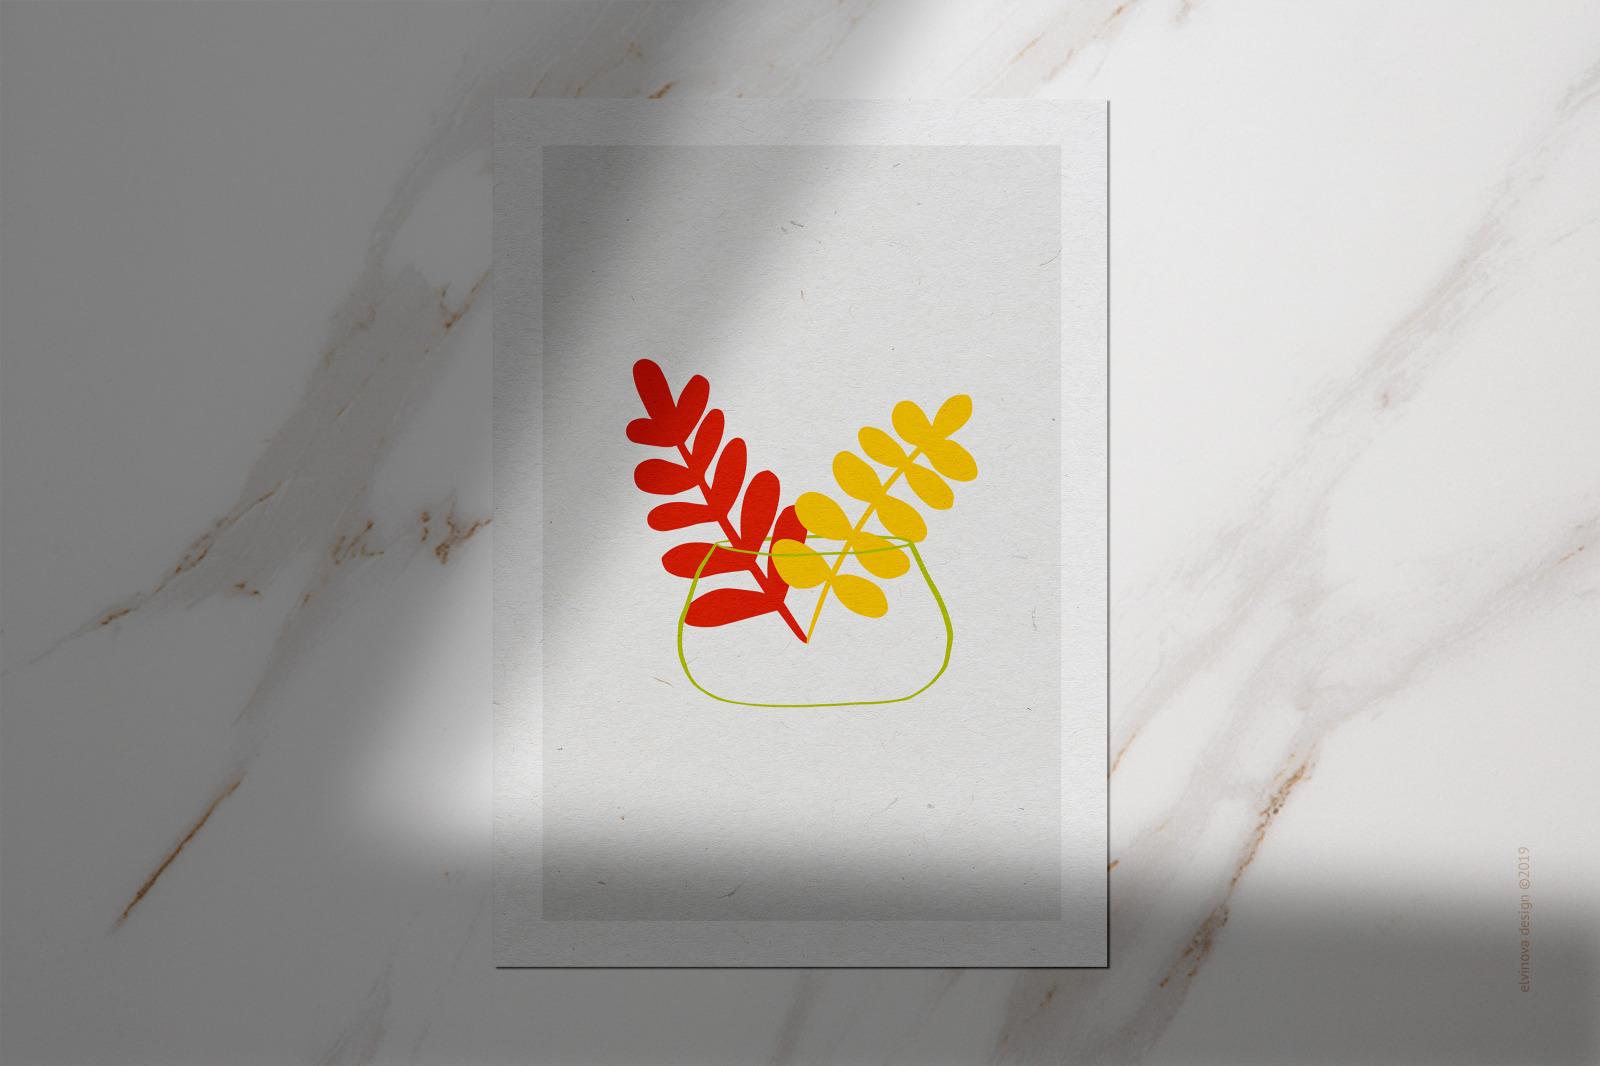 Aloha! Abstract Fruits & Leaves